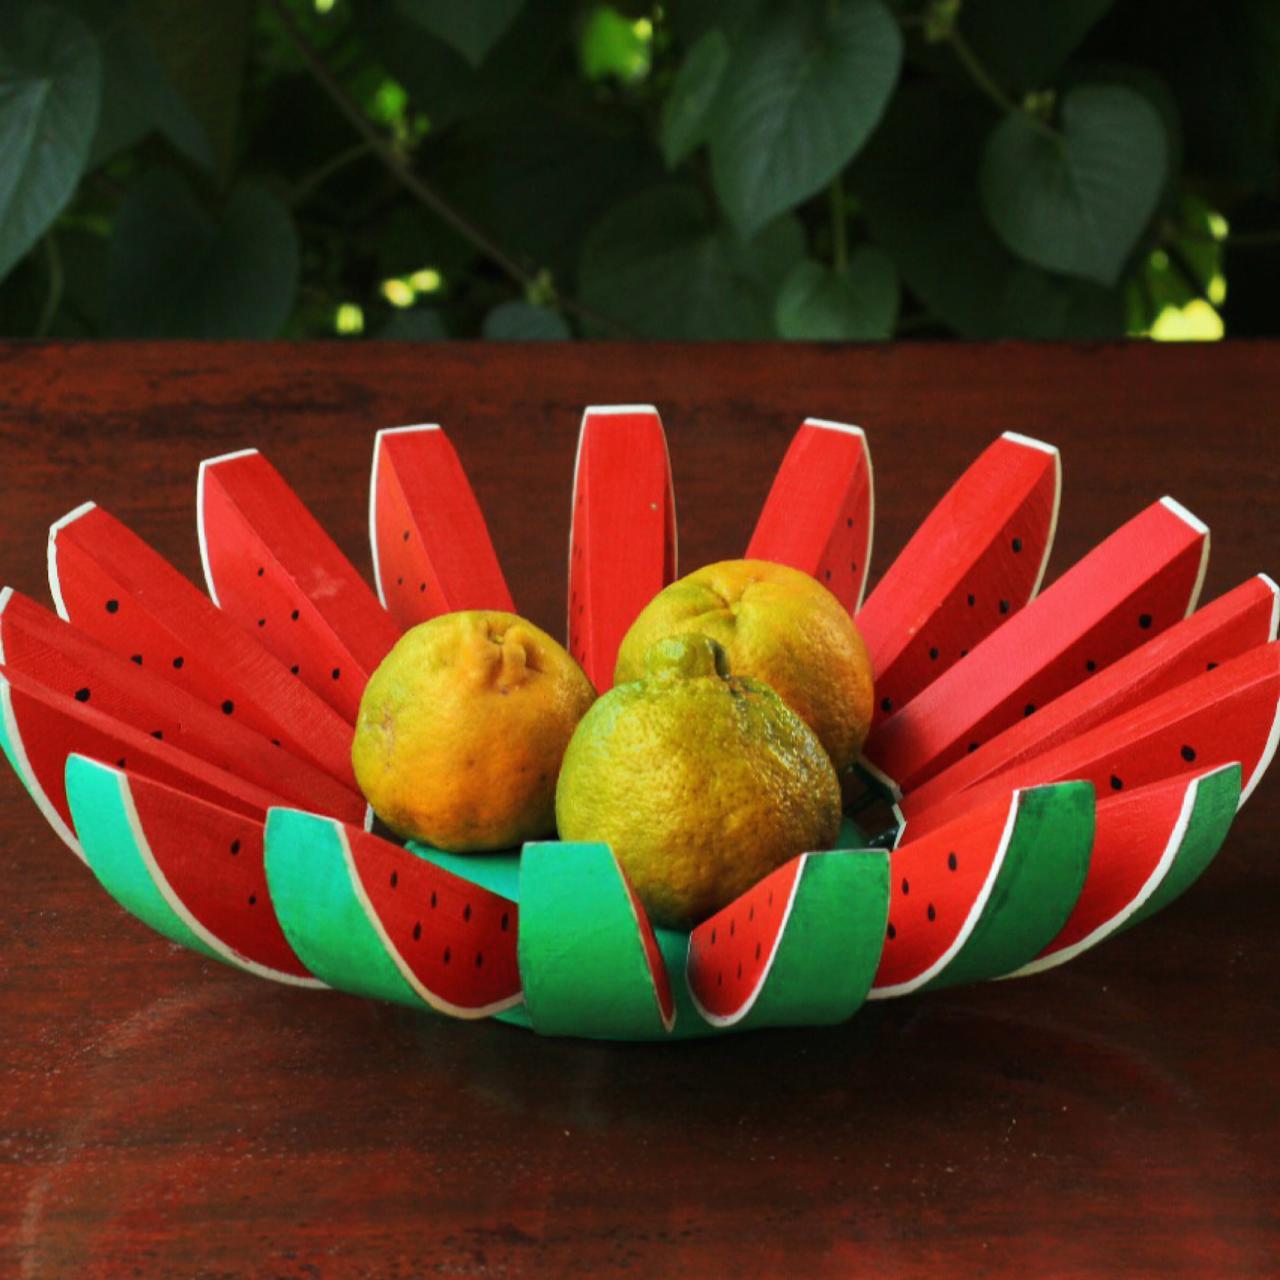 Fruteira Decorativa Rústica de Melancia